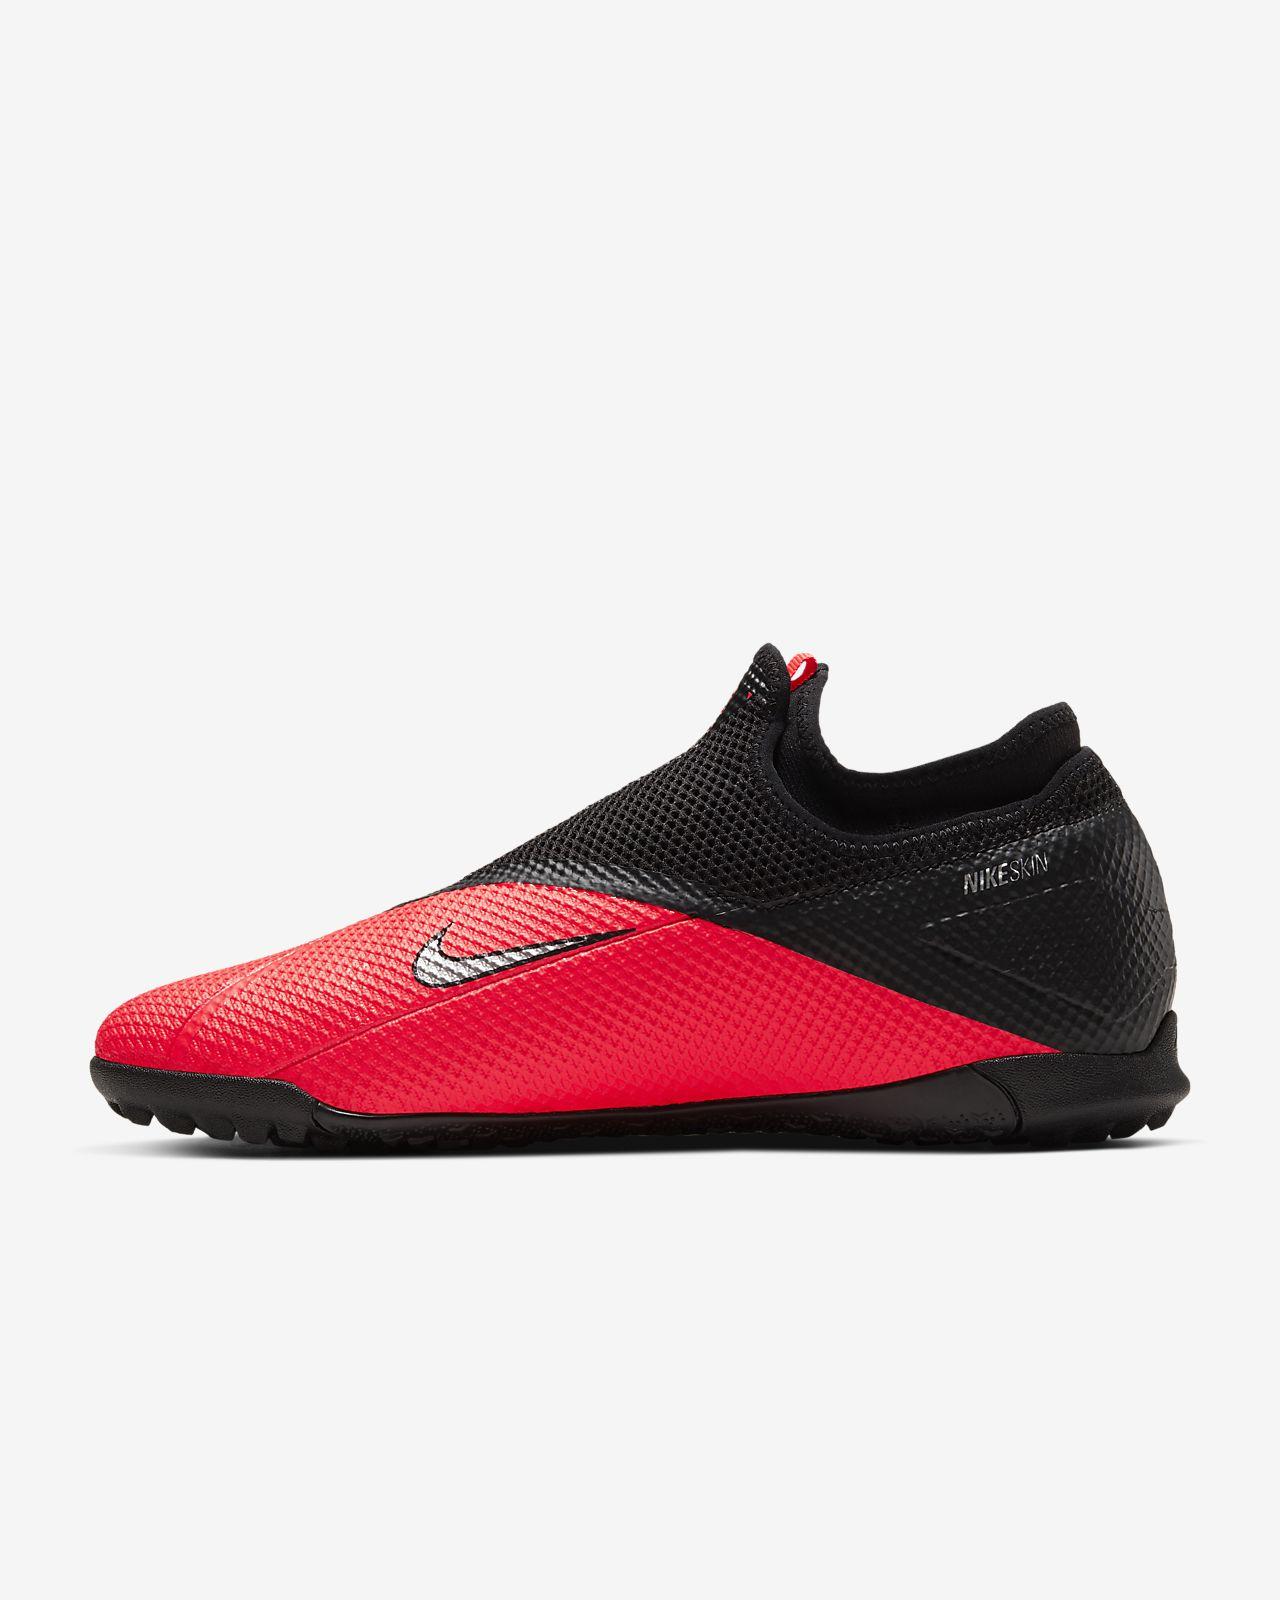 รองเท้าฟุตบอลสำหรับพื้นหญ้าเทียมสั้น Nike Phantom Vision 2 Academy Dynamic Fit TF